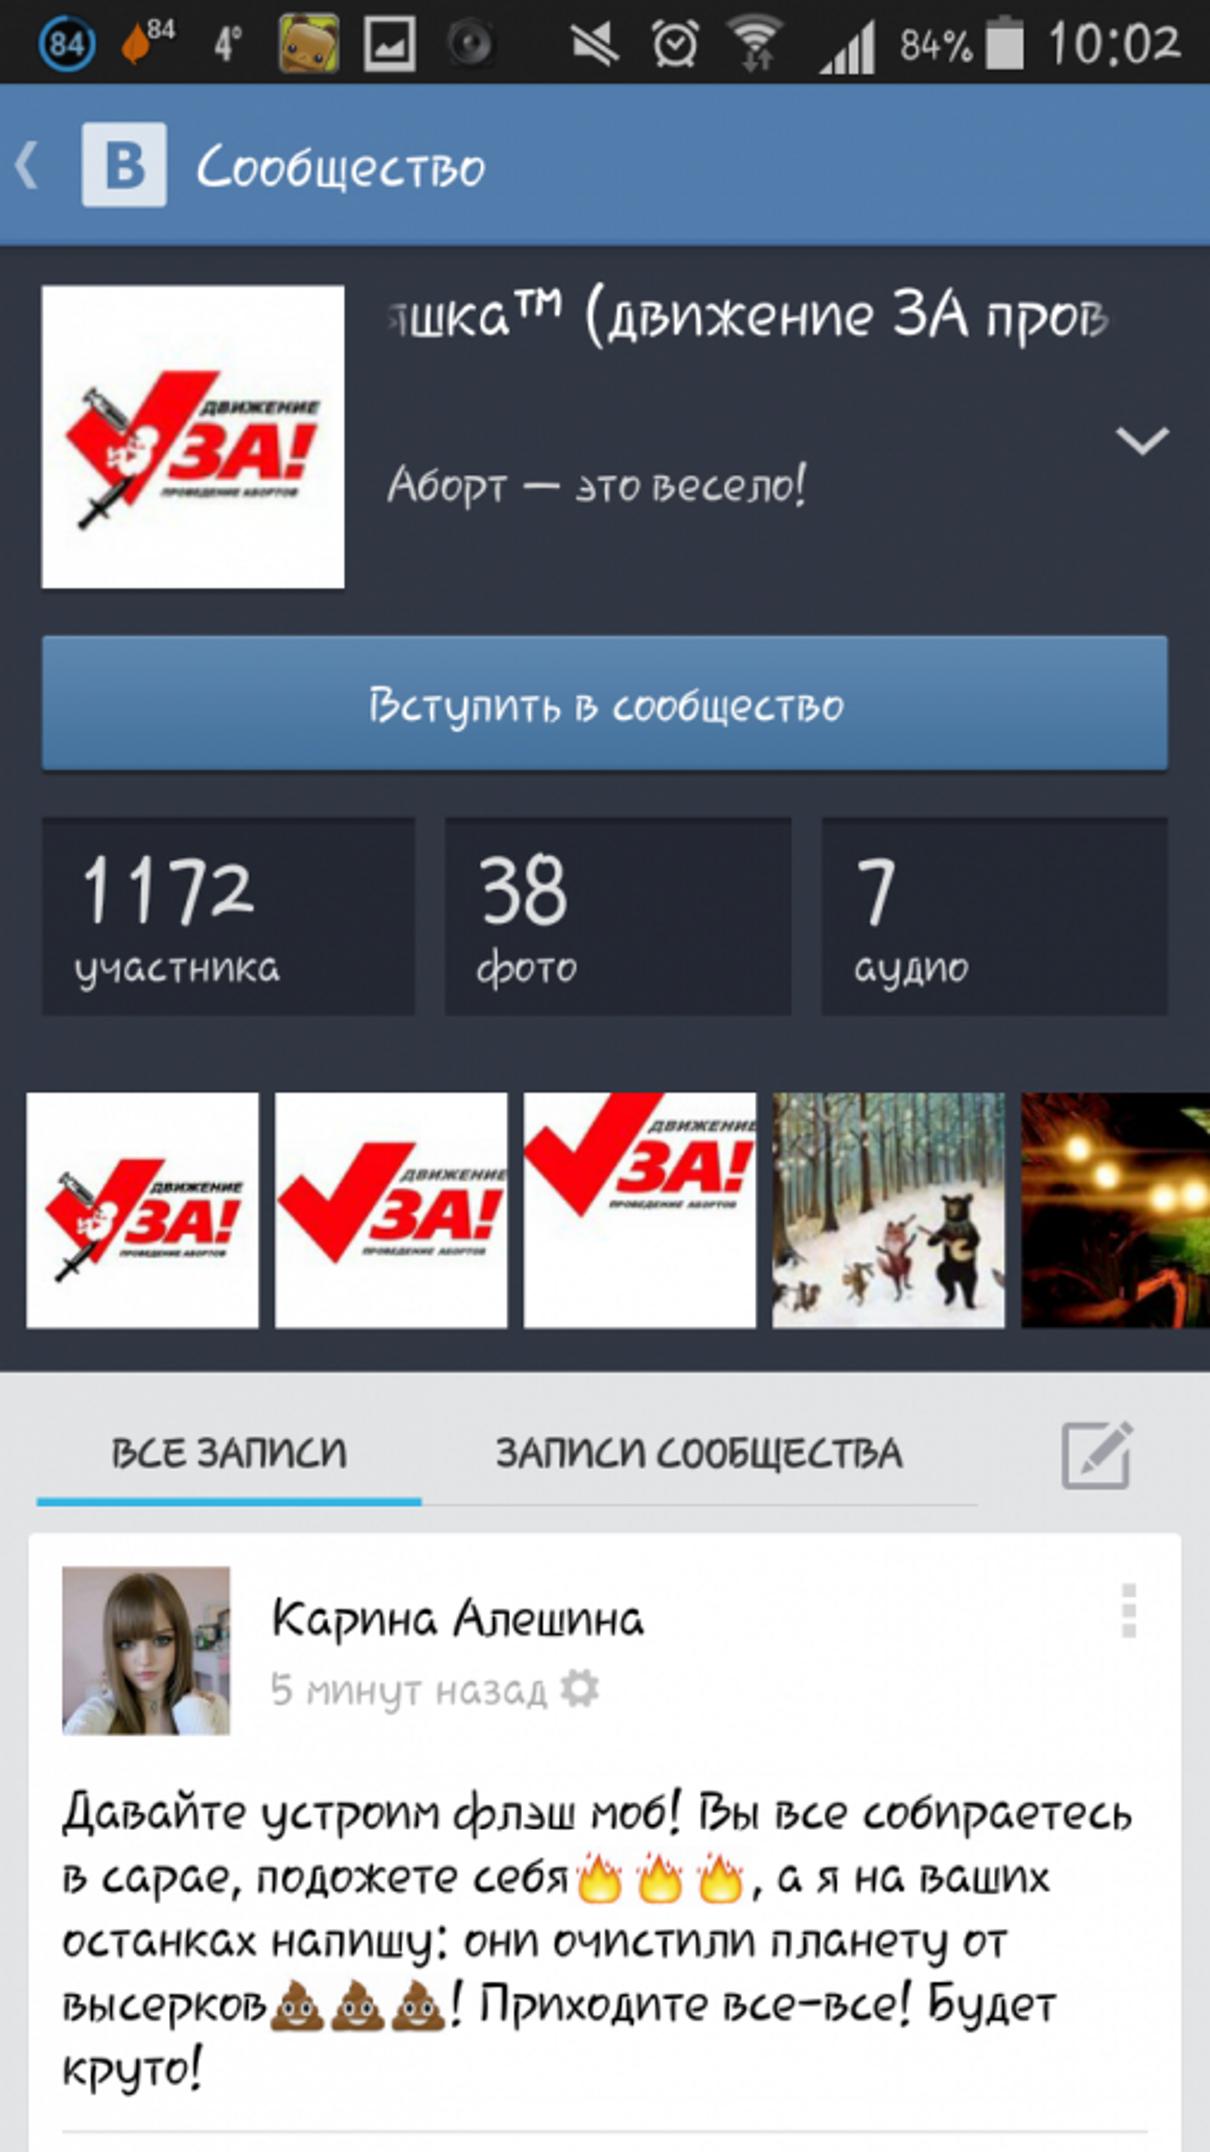 Жалоба-отзыв: Группа в соц сети vkontakte - Агитация абортов!!